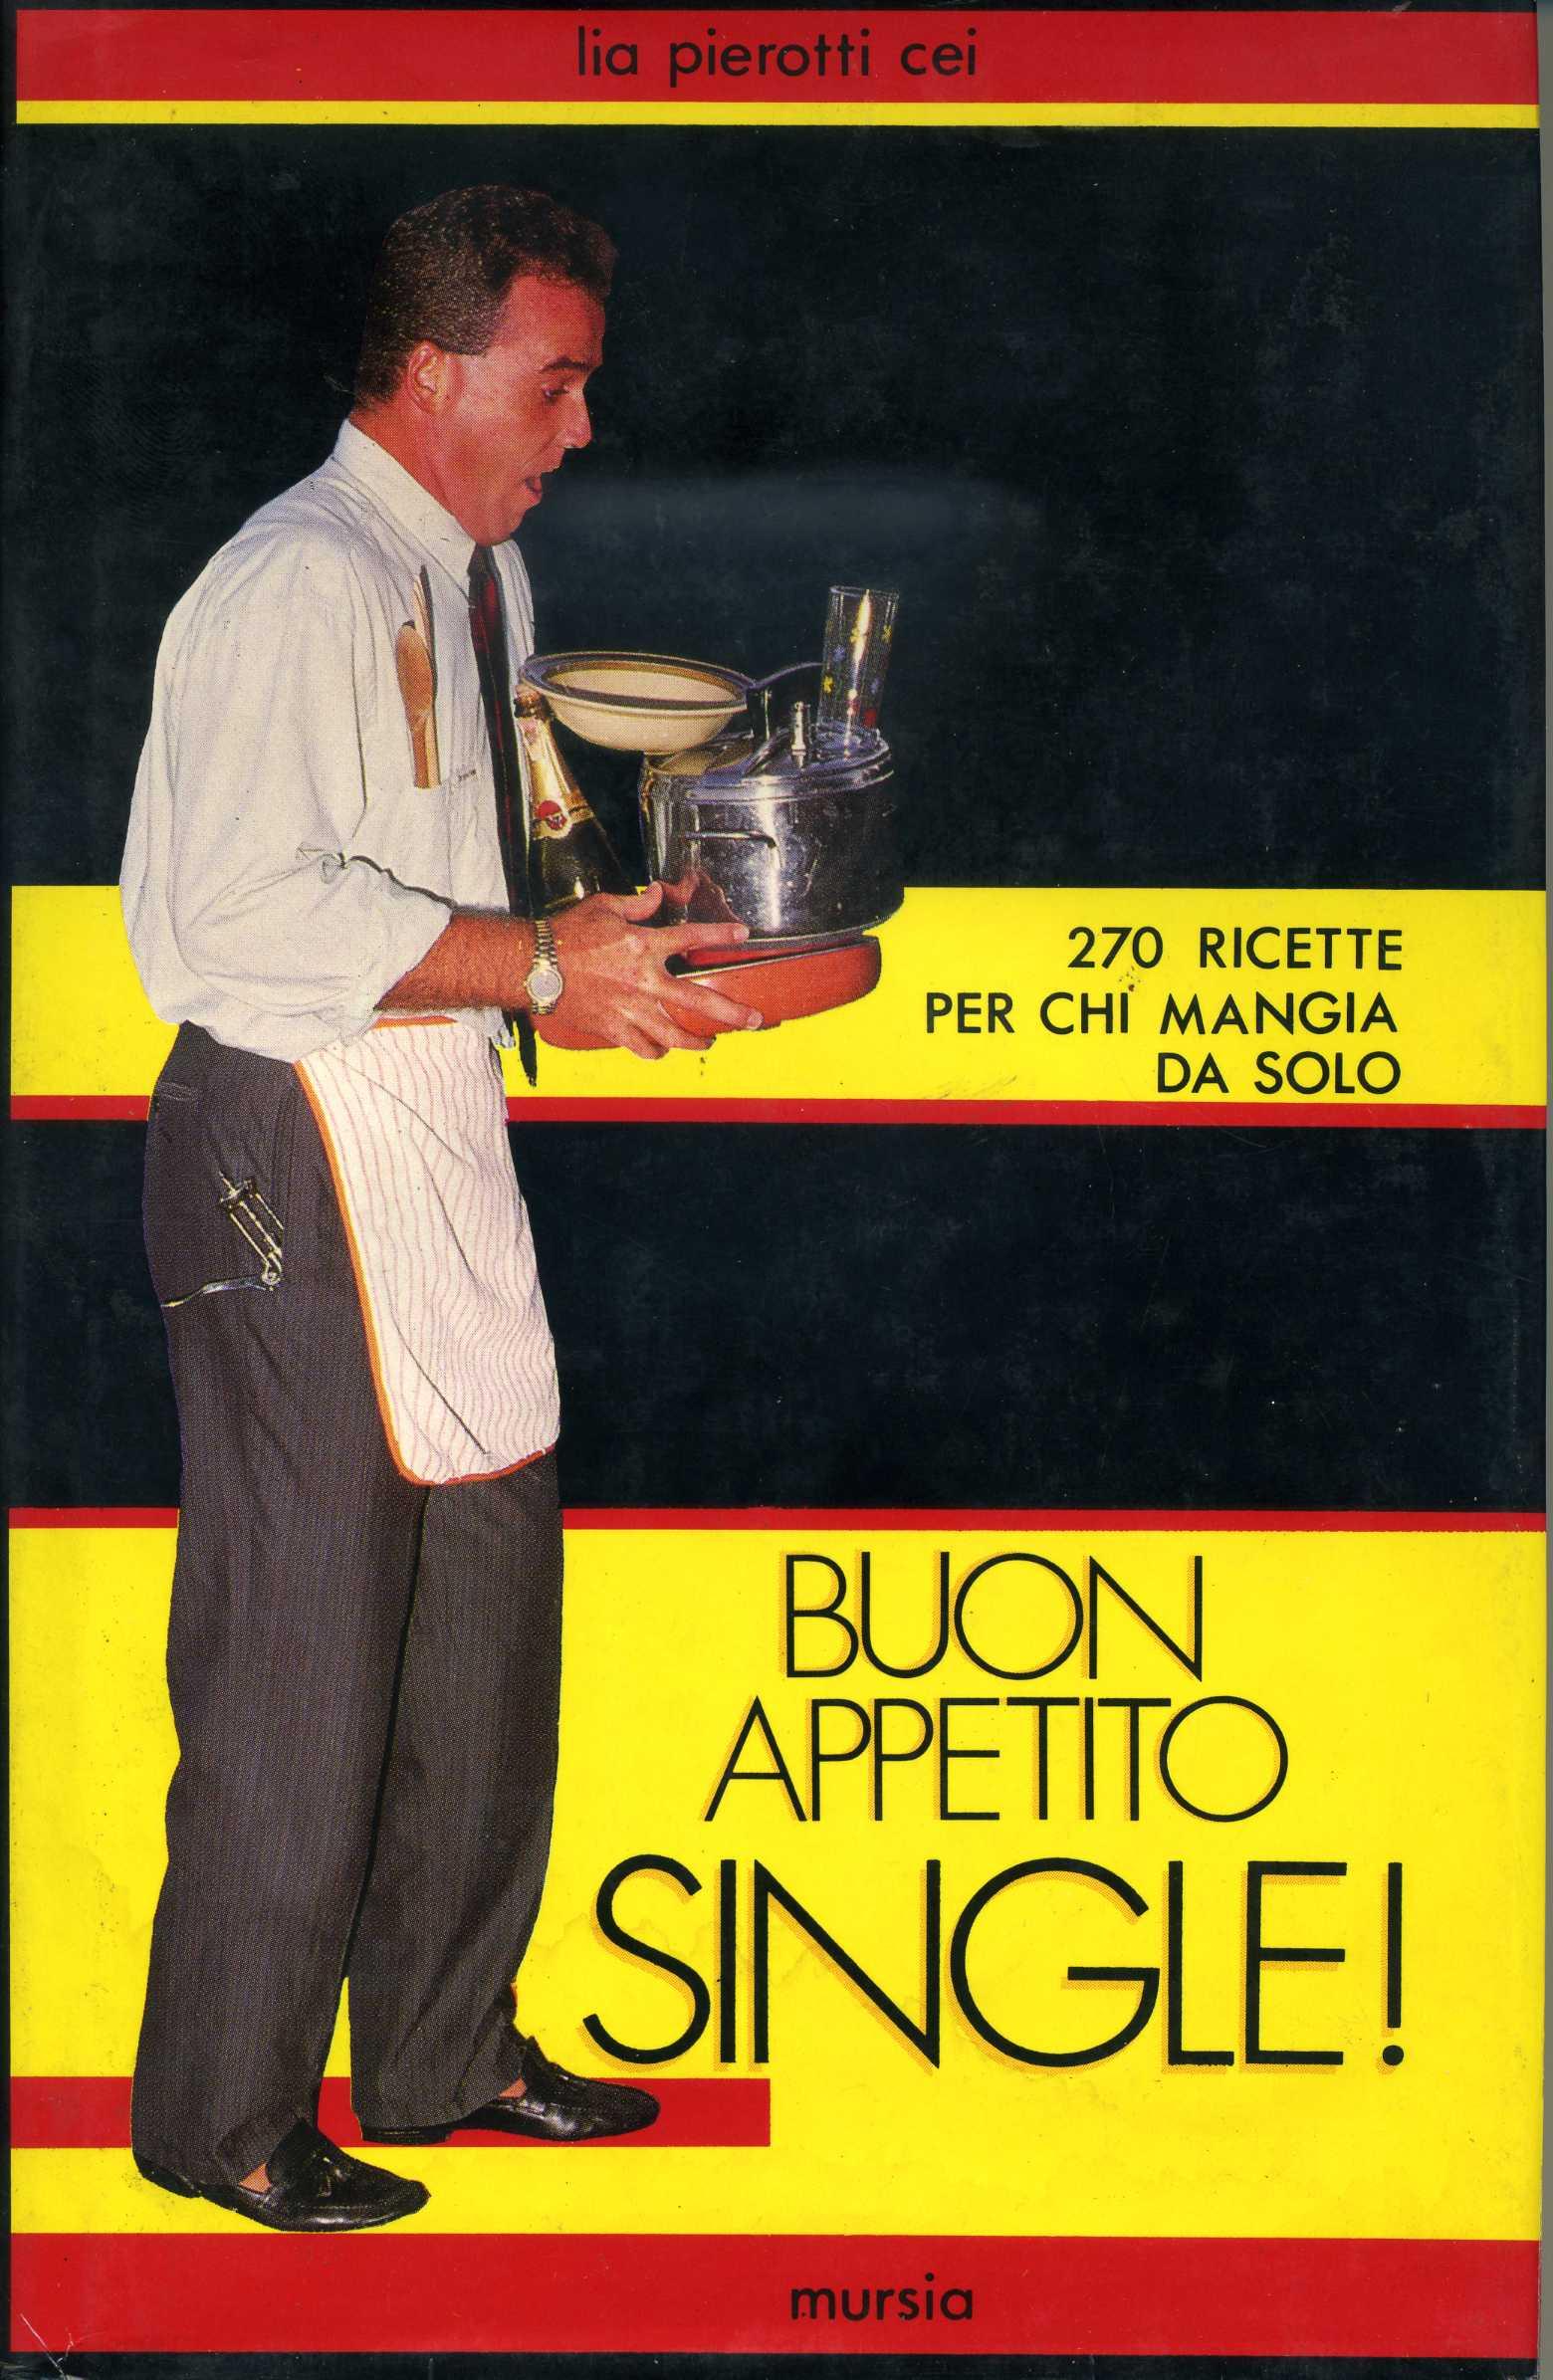 Buon appetito single!